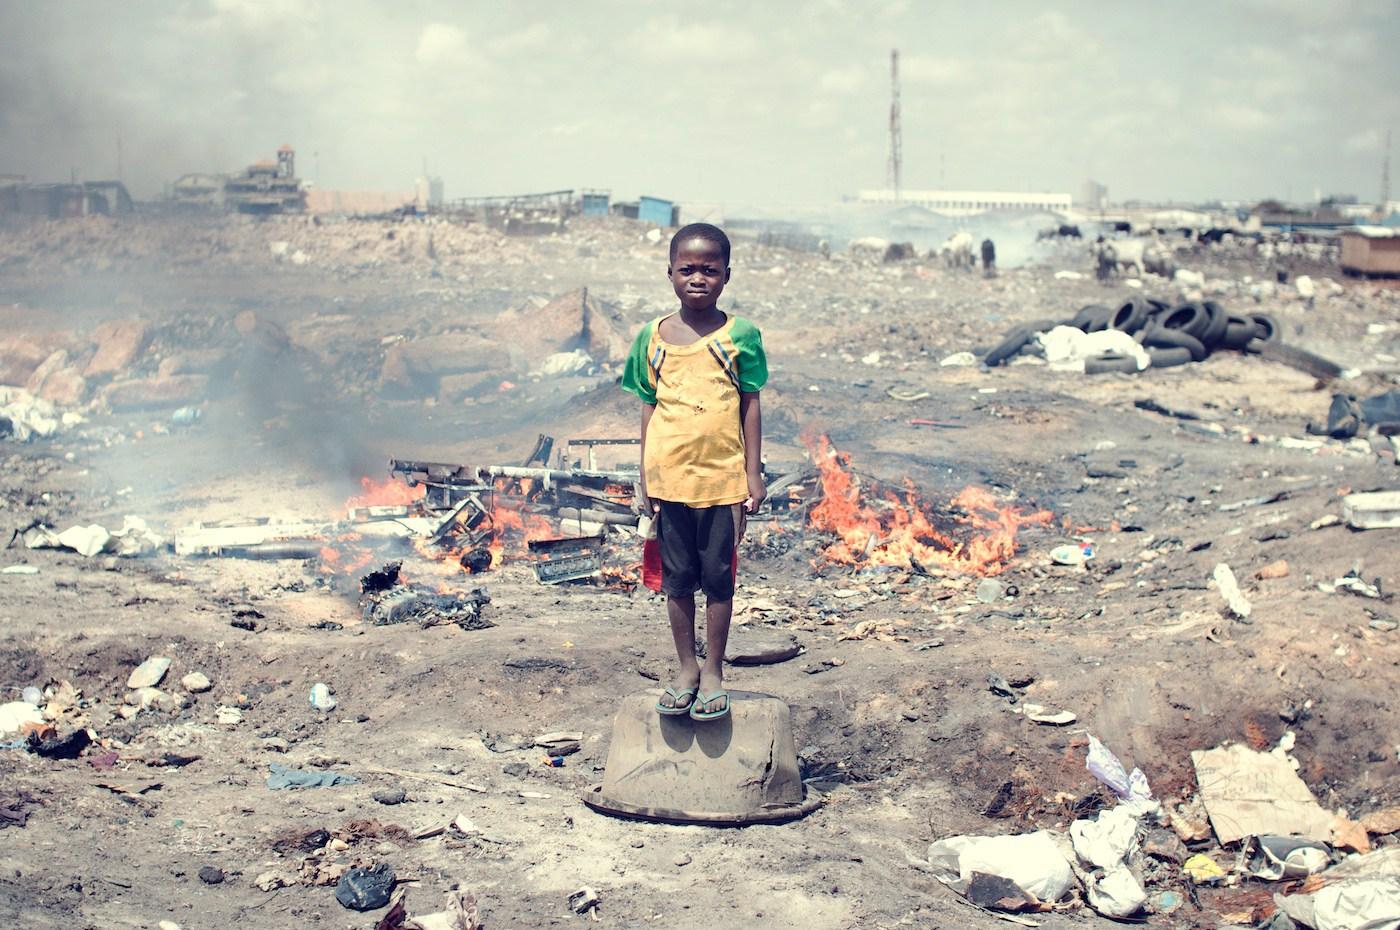 Agbogbloshie_KevinMcElvaney_Accra_e-waste-2